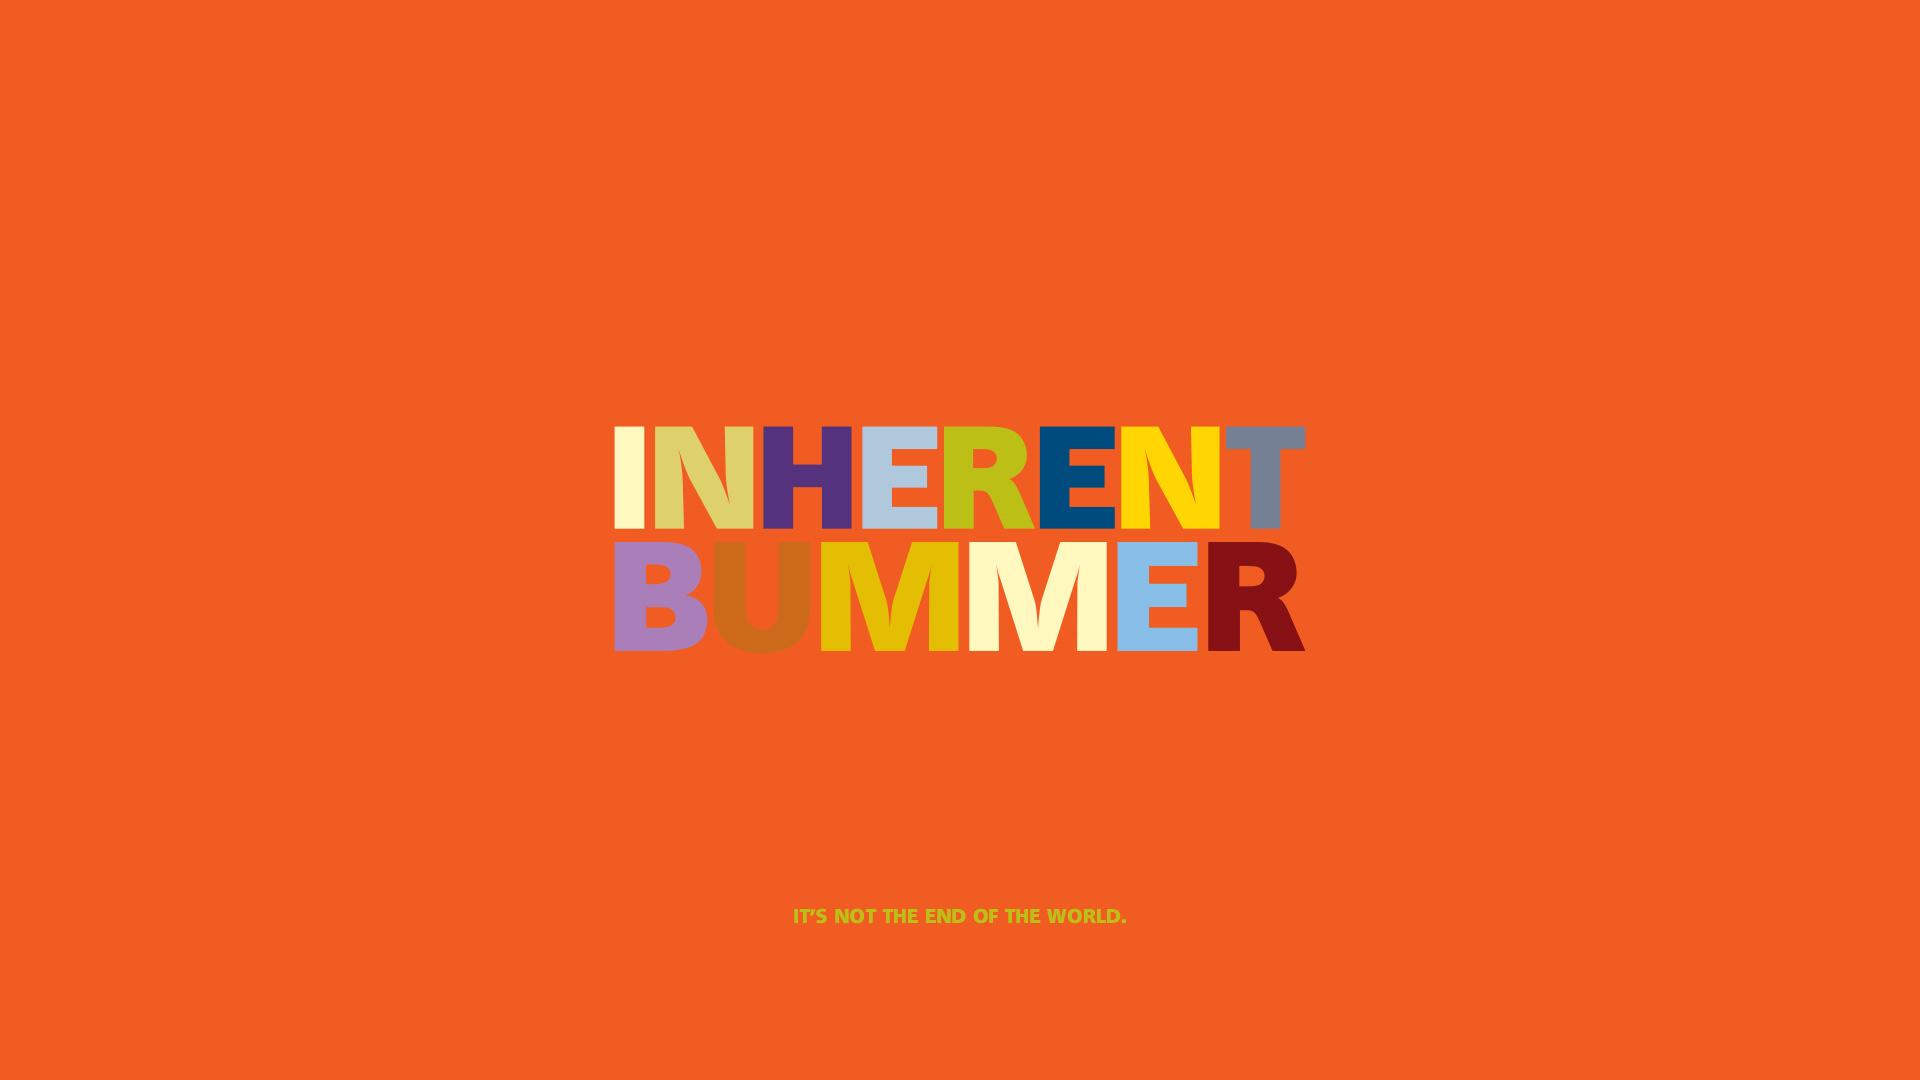 Bummer-homepage1-2.jpg